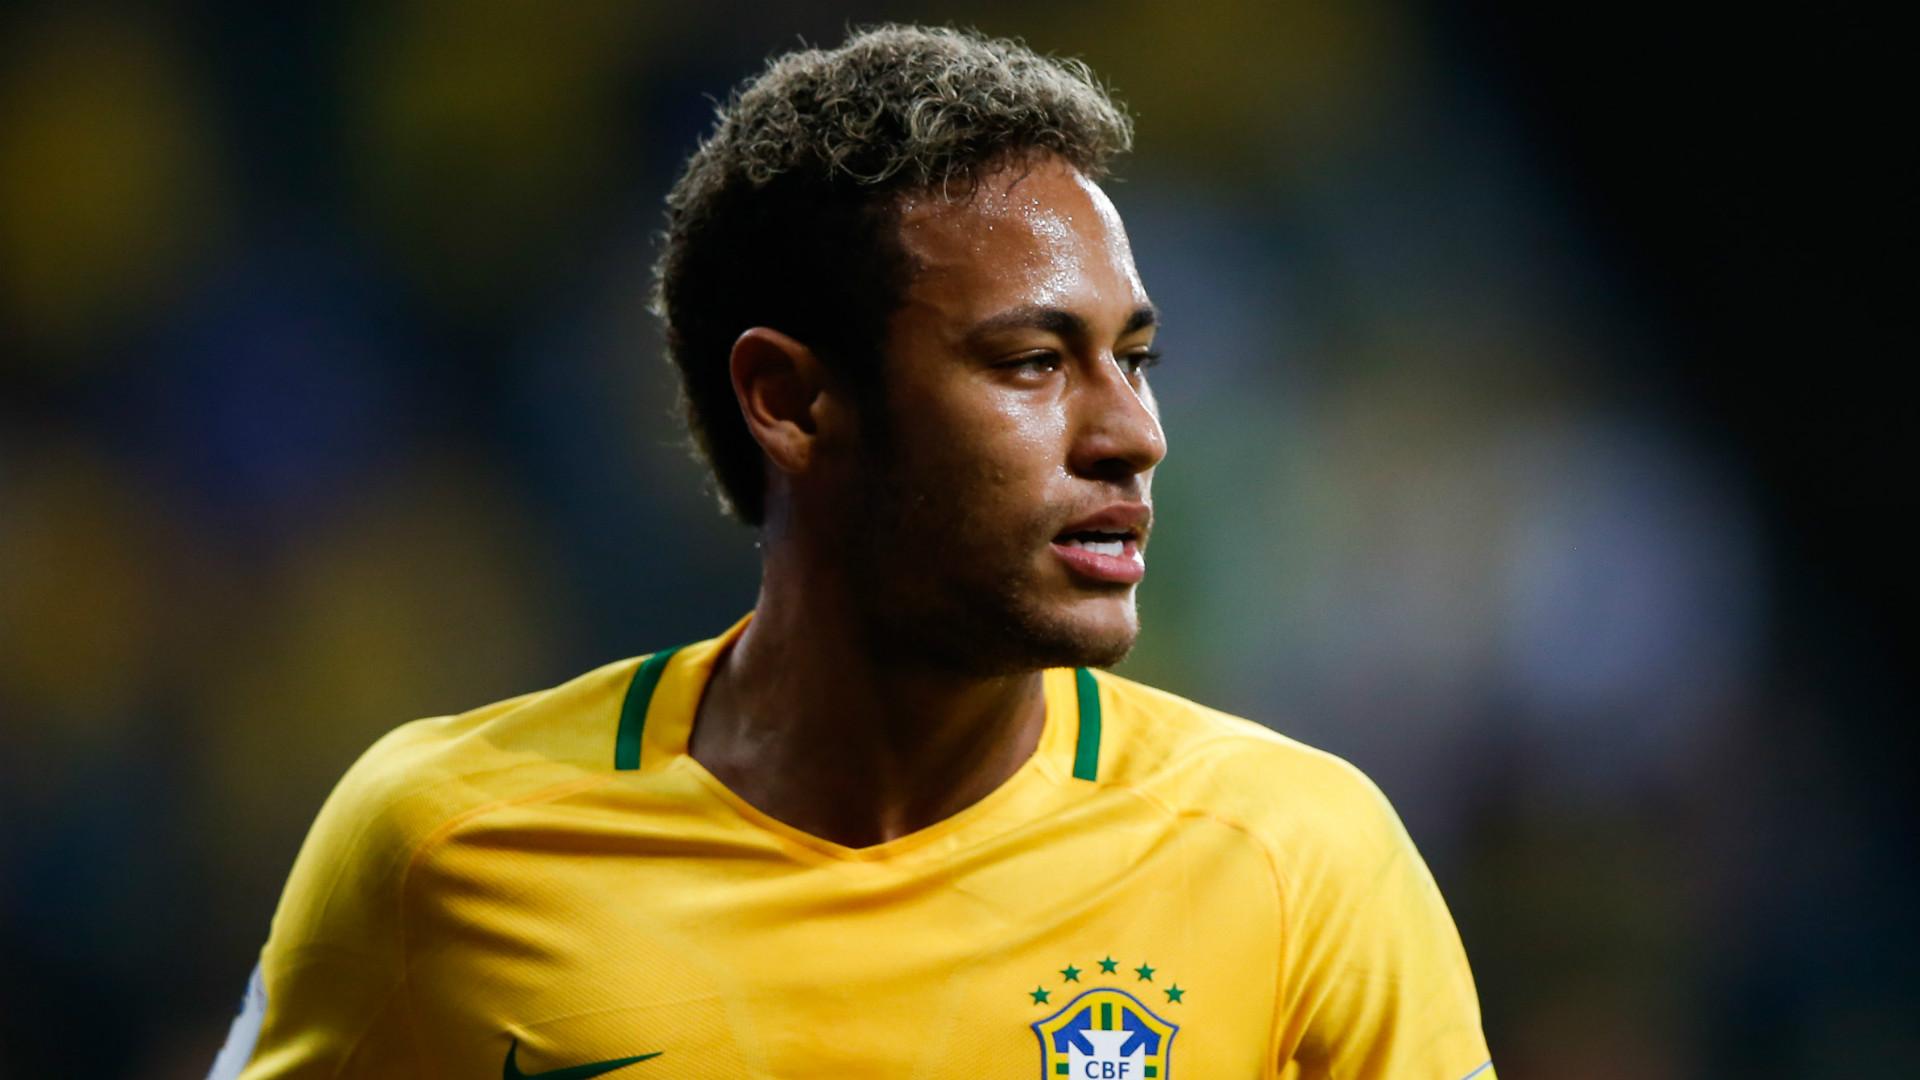 Beautiful Brazil World Cup 2018 - neymar-brazil_19hjk9xbkgih21tiho12cz3ix8  Pic_515896 .jpg?t\u003d-1835821529\u0026quality\u003d90\u0026w\u003d1280